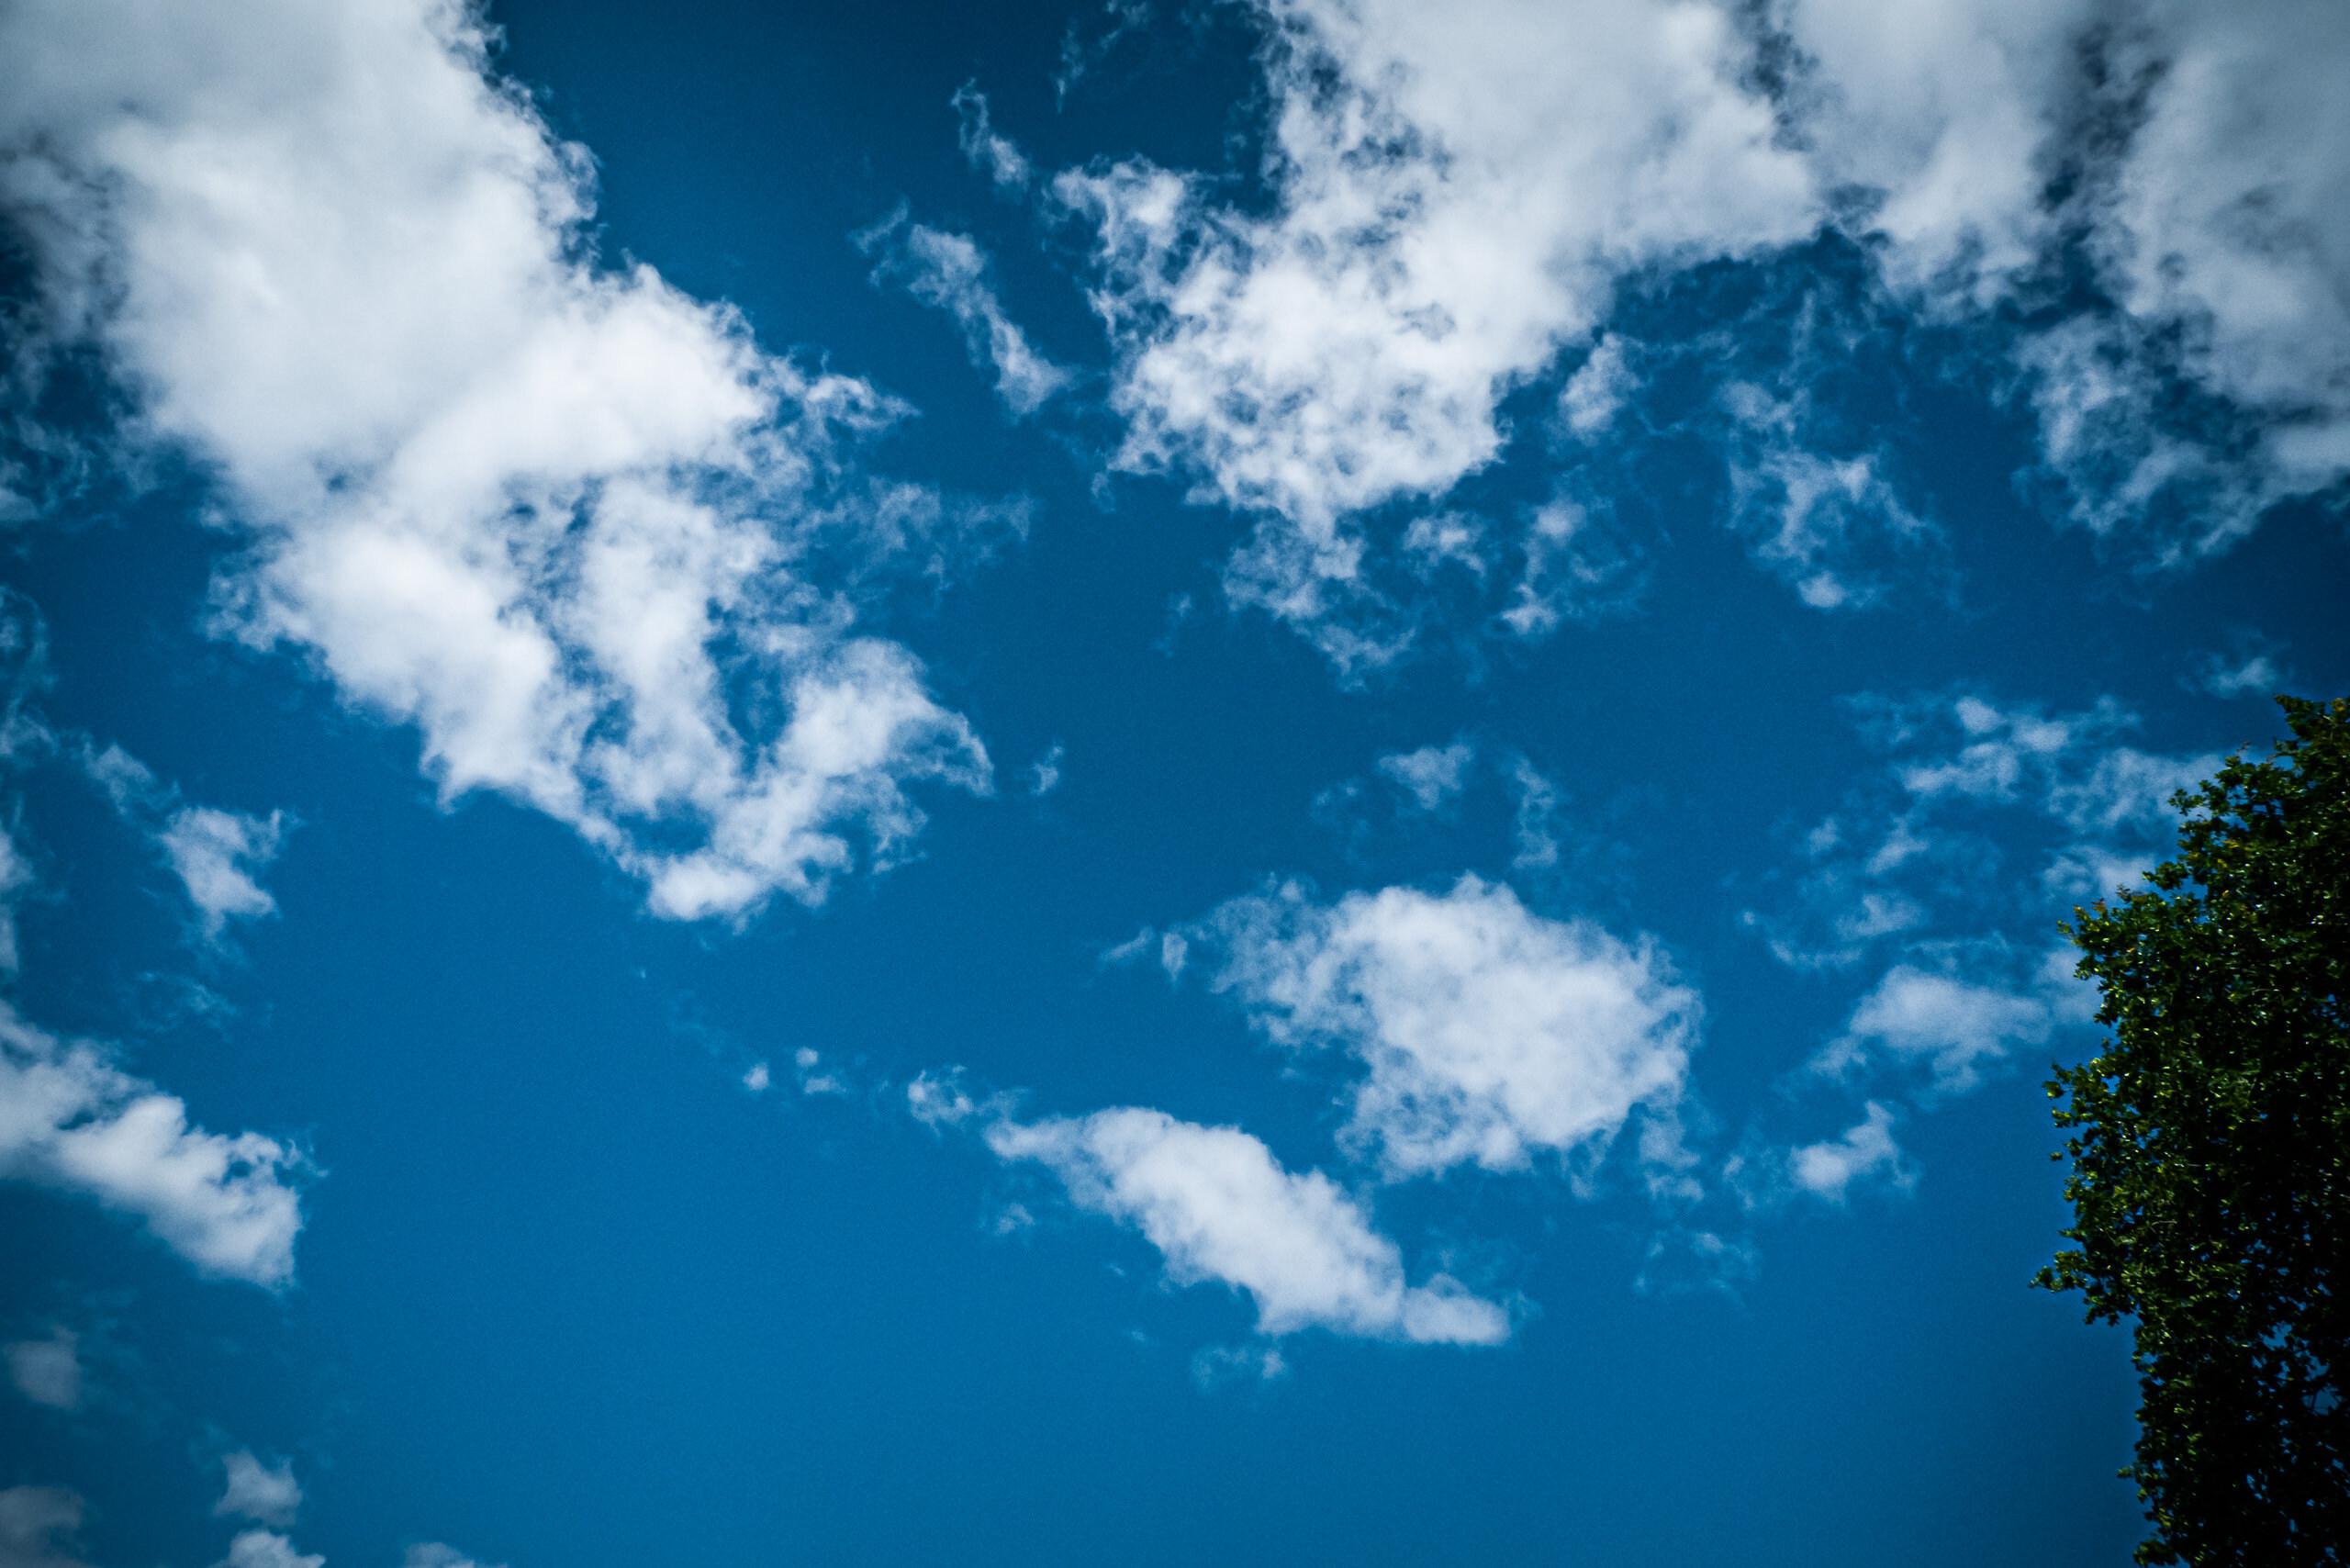 Wayfinder World Clouds By Brett Leica Photographer